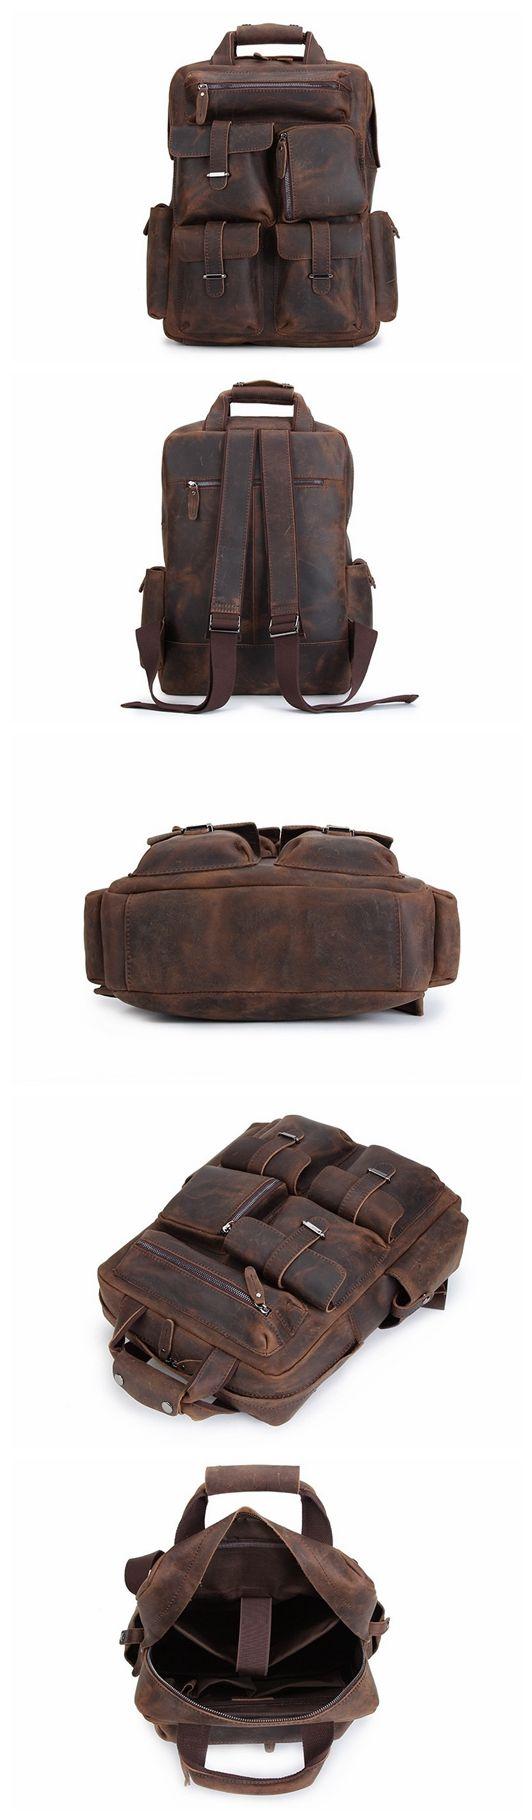 Handmade Vintage Leather Backpack, Travel Backpack